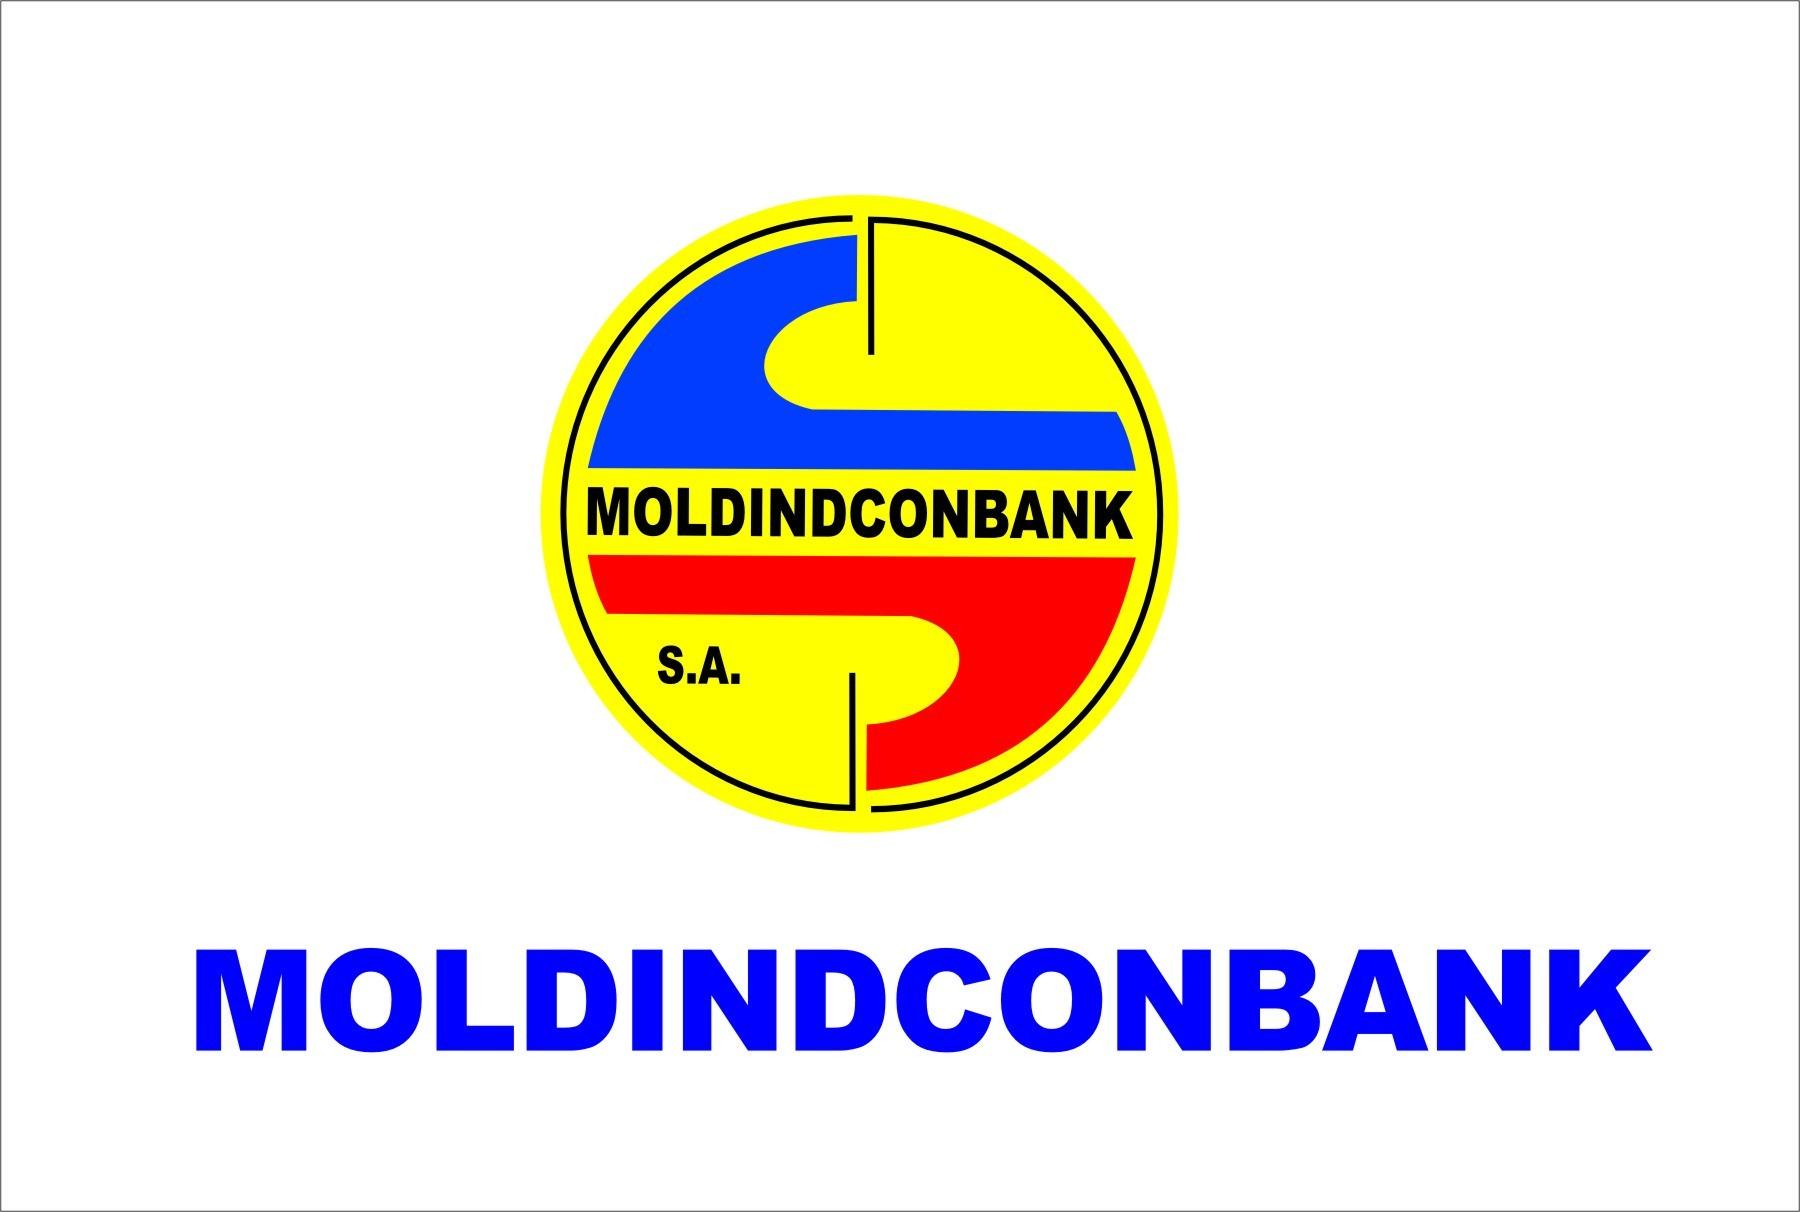 Acționarii Moldindconbank, convocați la Adunarea generală extraordinară. Cine ar putea fi noii membri ai Consiliului băncii